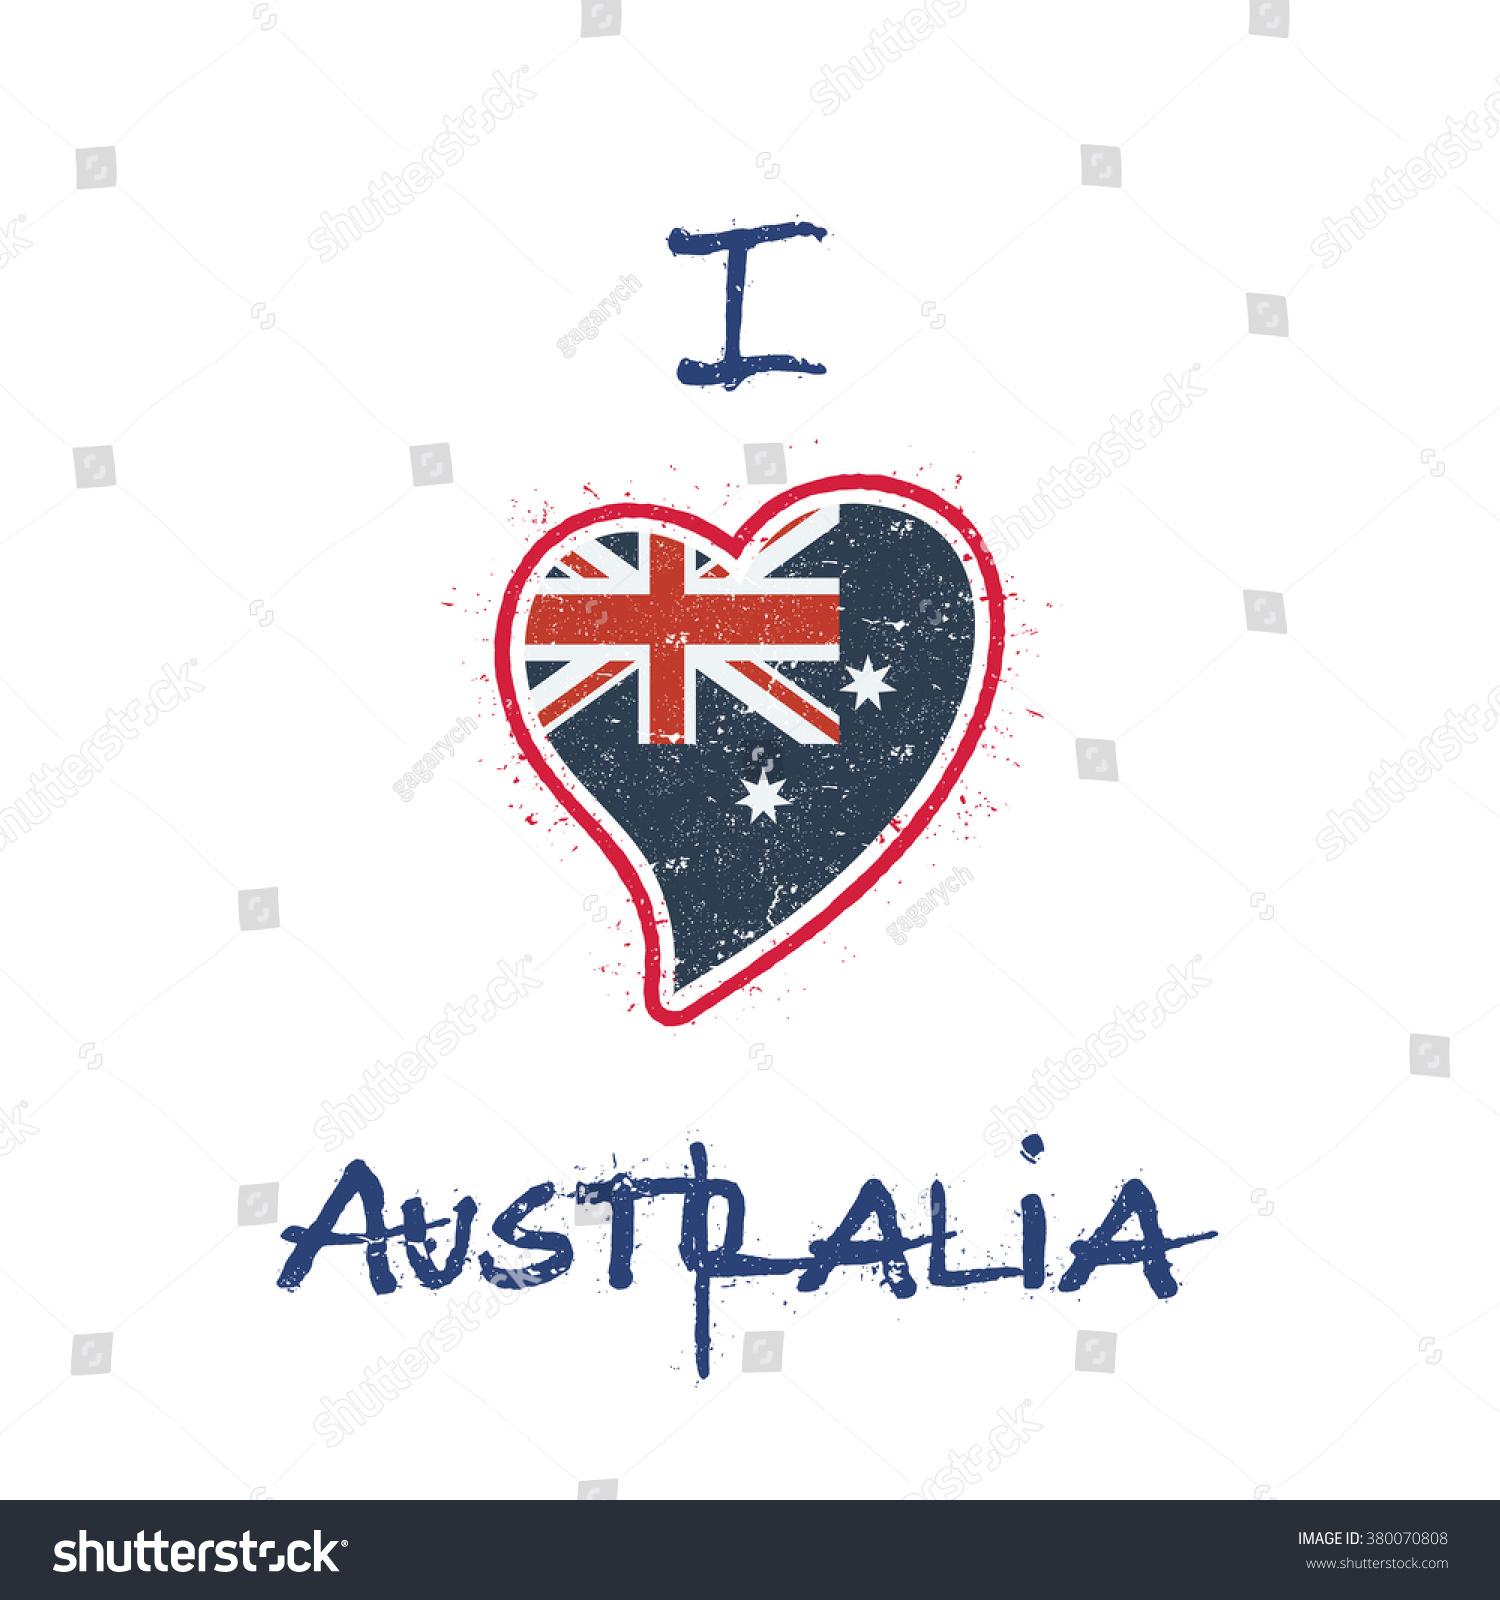 Shirt design australia - Australia Flag Patriotic T Shirt Design Heart Shaped National Flag Of Australia On White